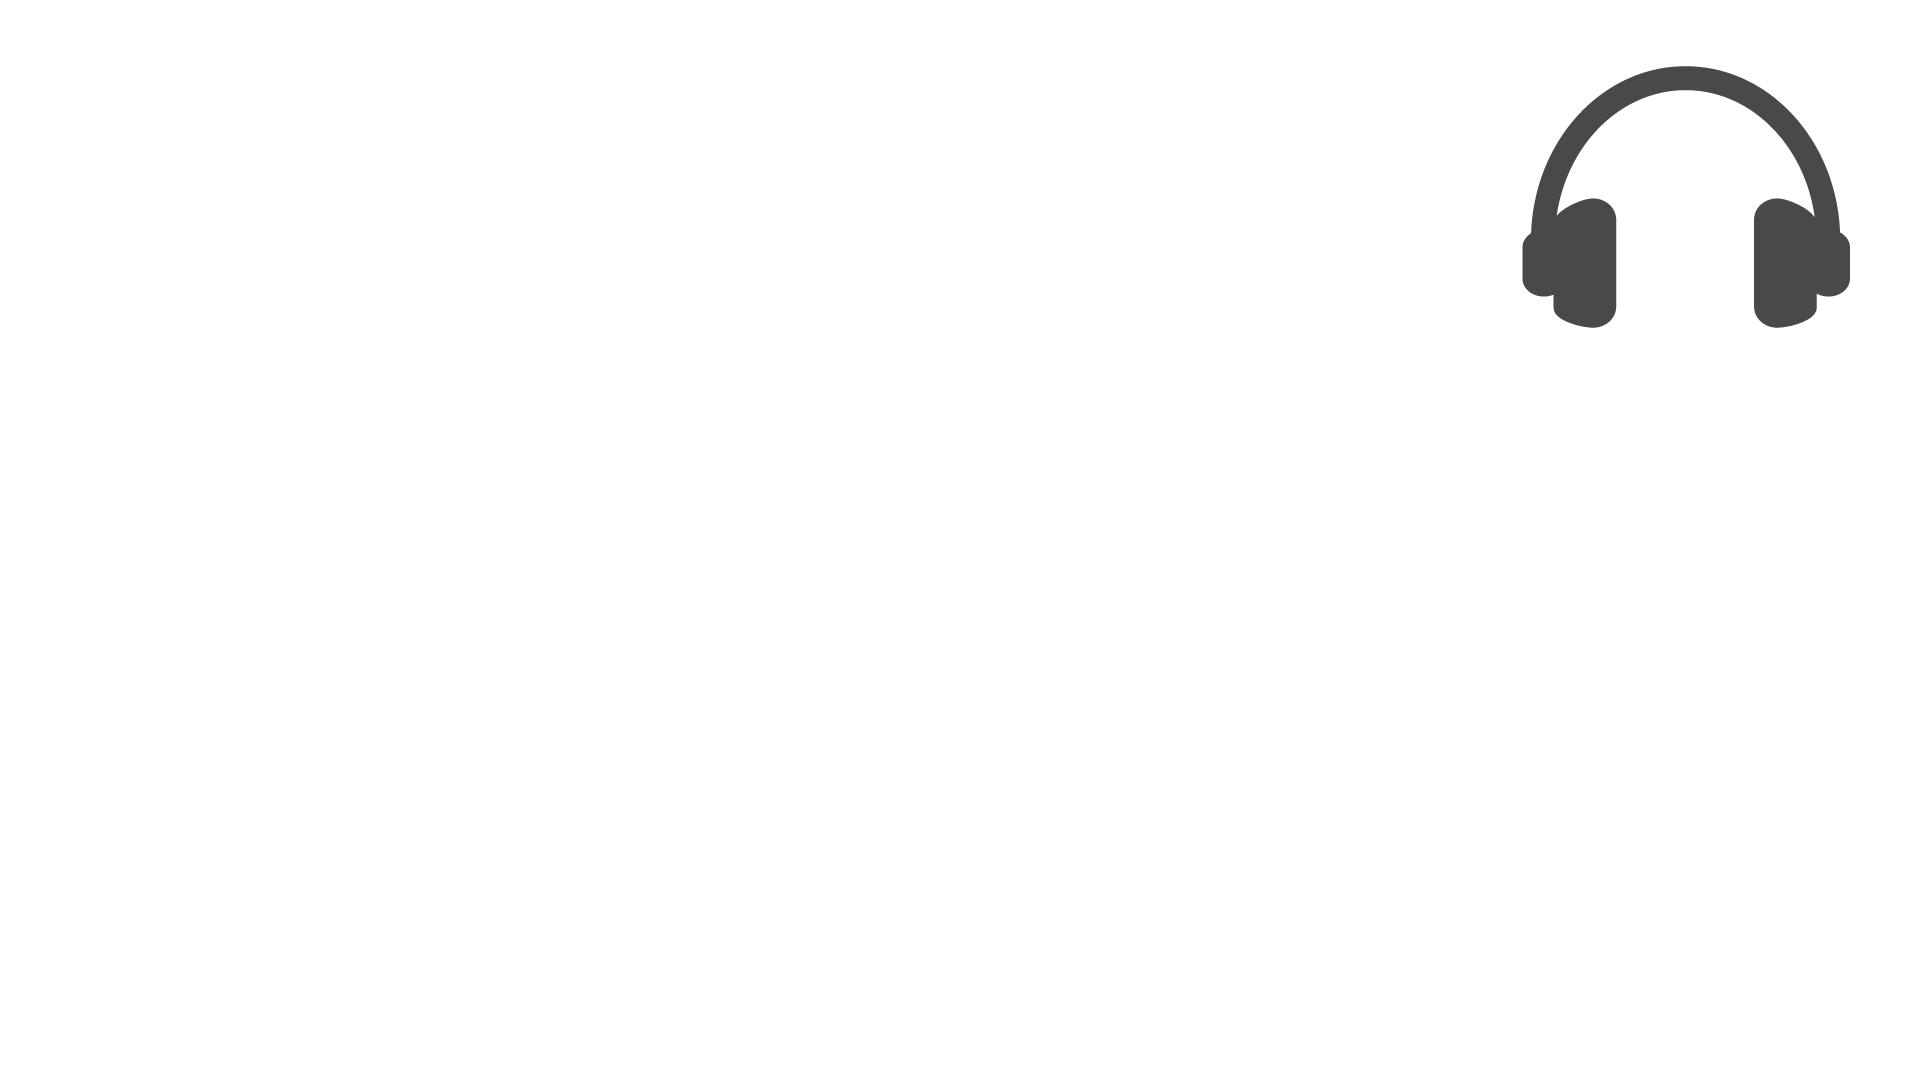 黄宗泽 胡杏儿2016効果音 カメラのシャッター音:素材をさがす:NHKクリエイティブ・ライブラリー黄宗泽和胡杏儿2016